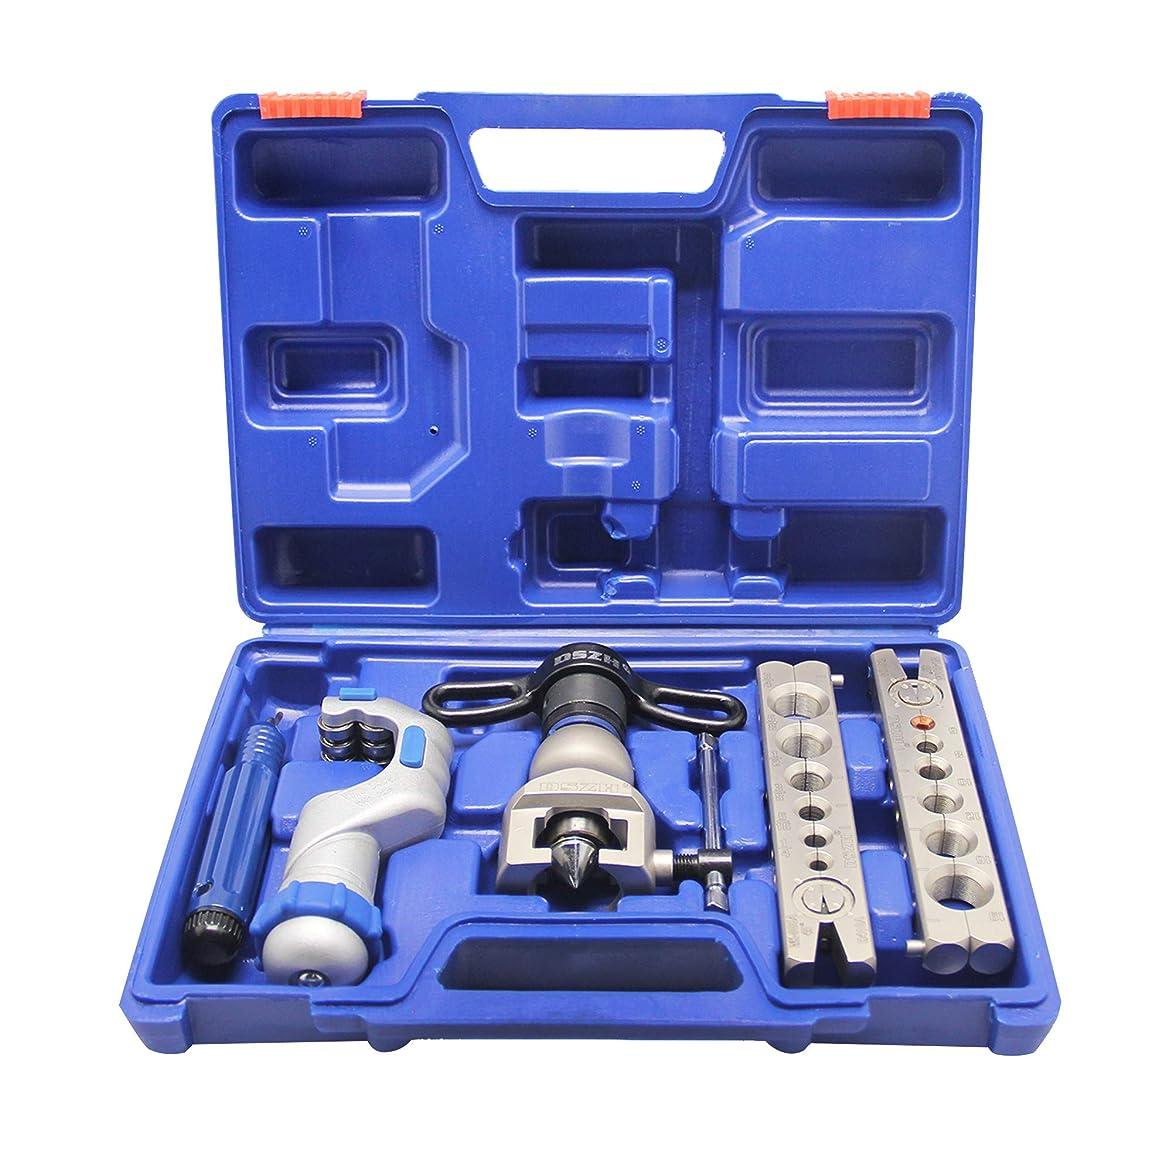 アカウントタイトル超音速Hanchen WK-R806FT-L フレアリングツール 6-19mm ラチェット式フレアリングツールセット チューブカッターを含む 配管用工具